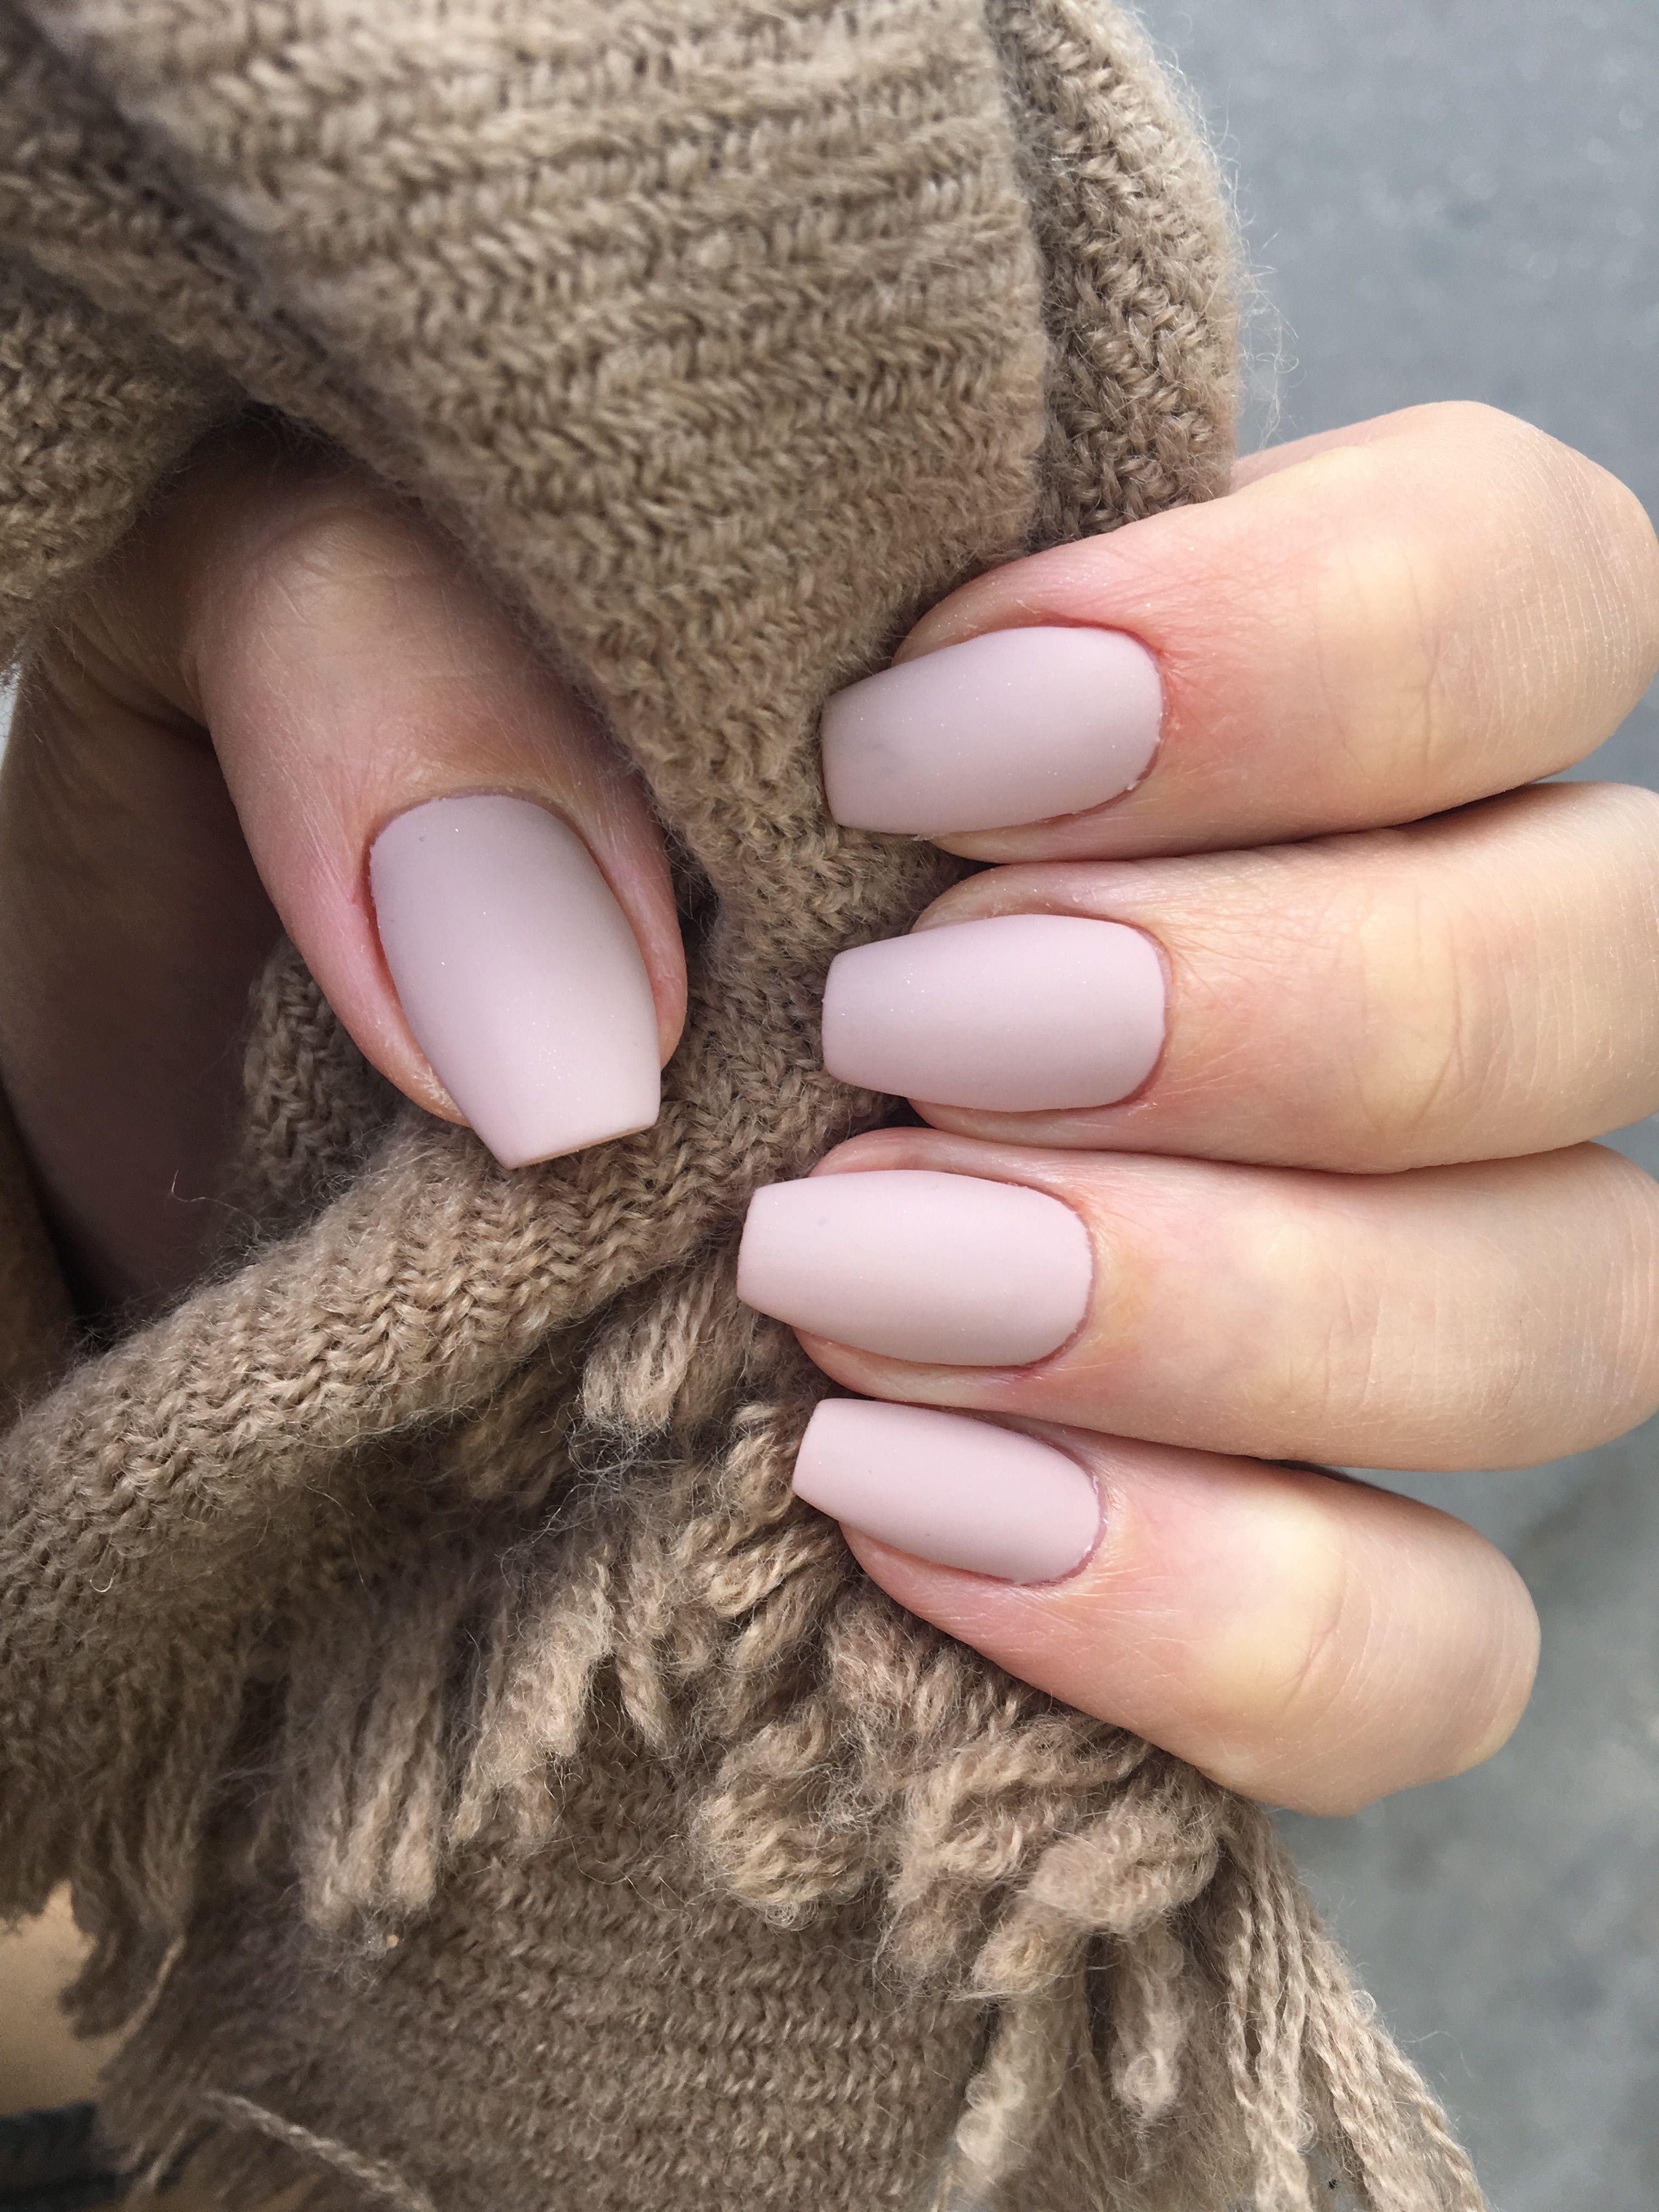 Pin de Cristina Castañeda en uñas | Pinterest | Diseños de uñas ...